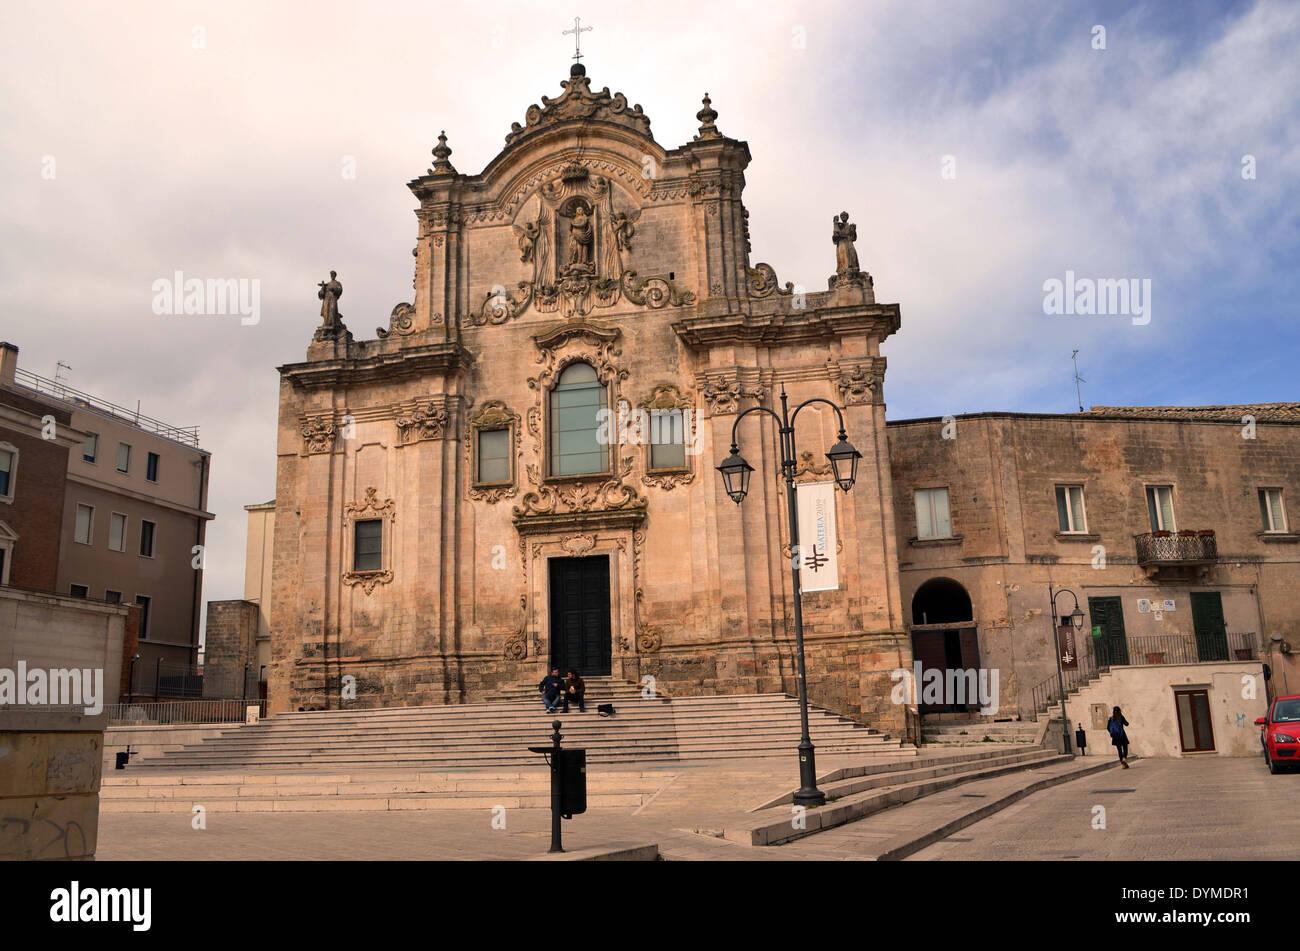 Le trogladytic,Matera ville d'Italie du sud compte plus de 80 églises, pic. montre que l'église de San Francesco d'assise.Matera,le tro Photo Stock